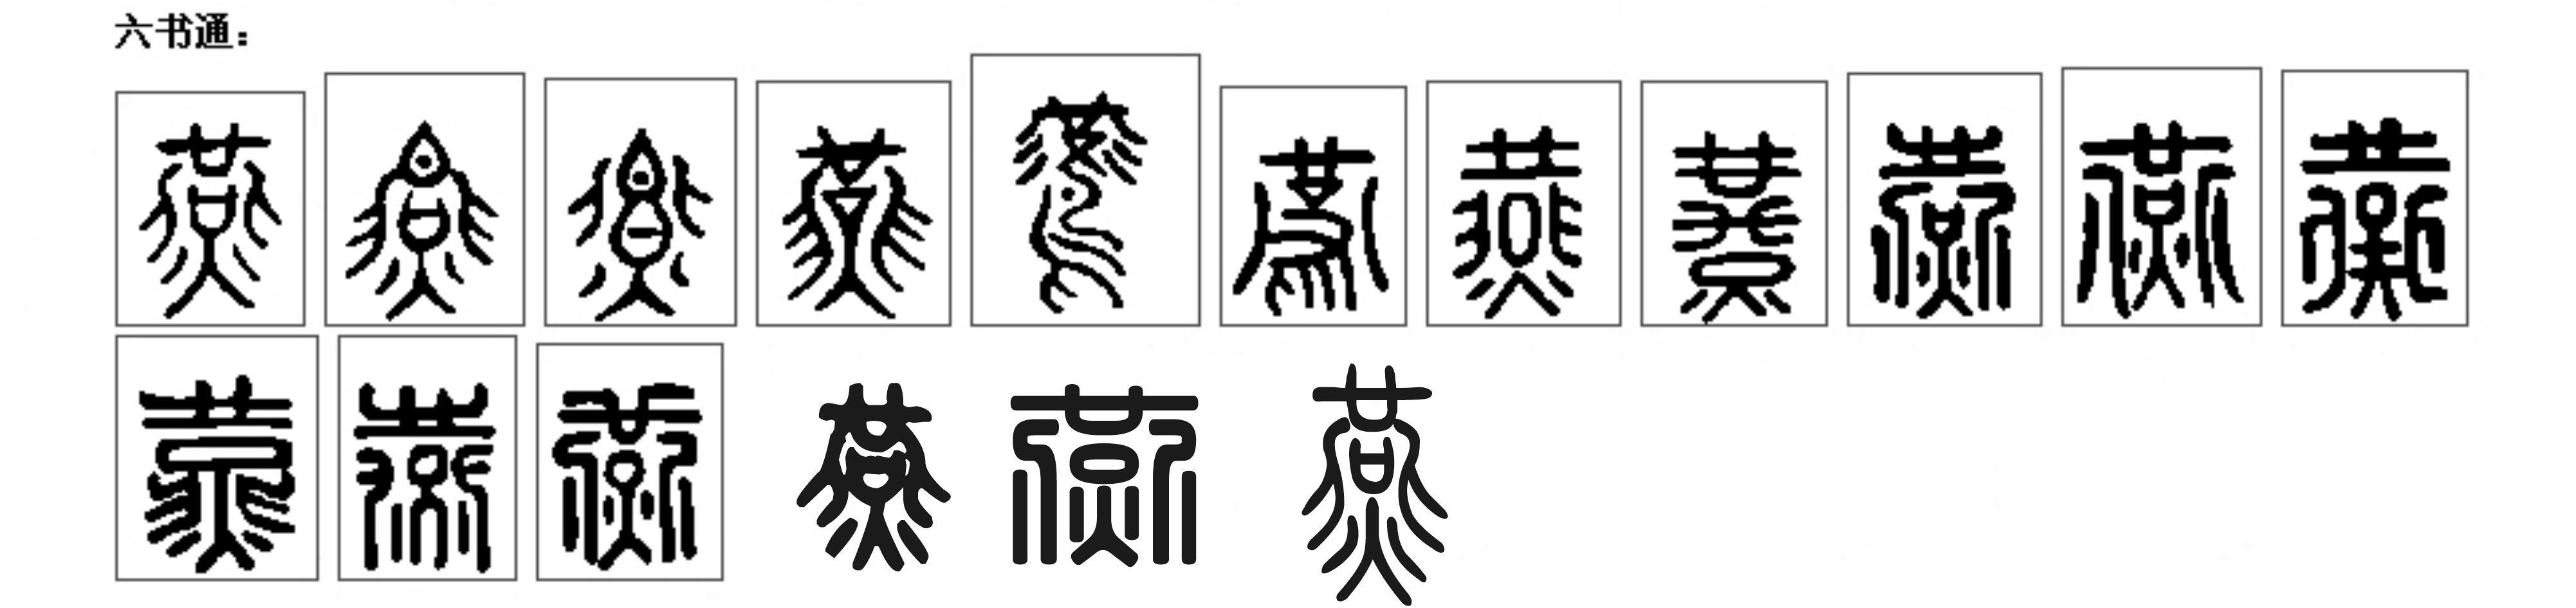 燕字的篆书写法图片